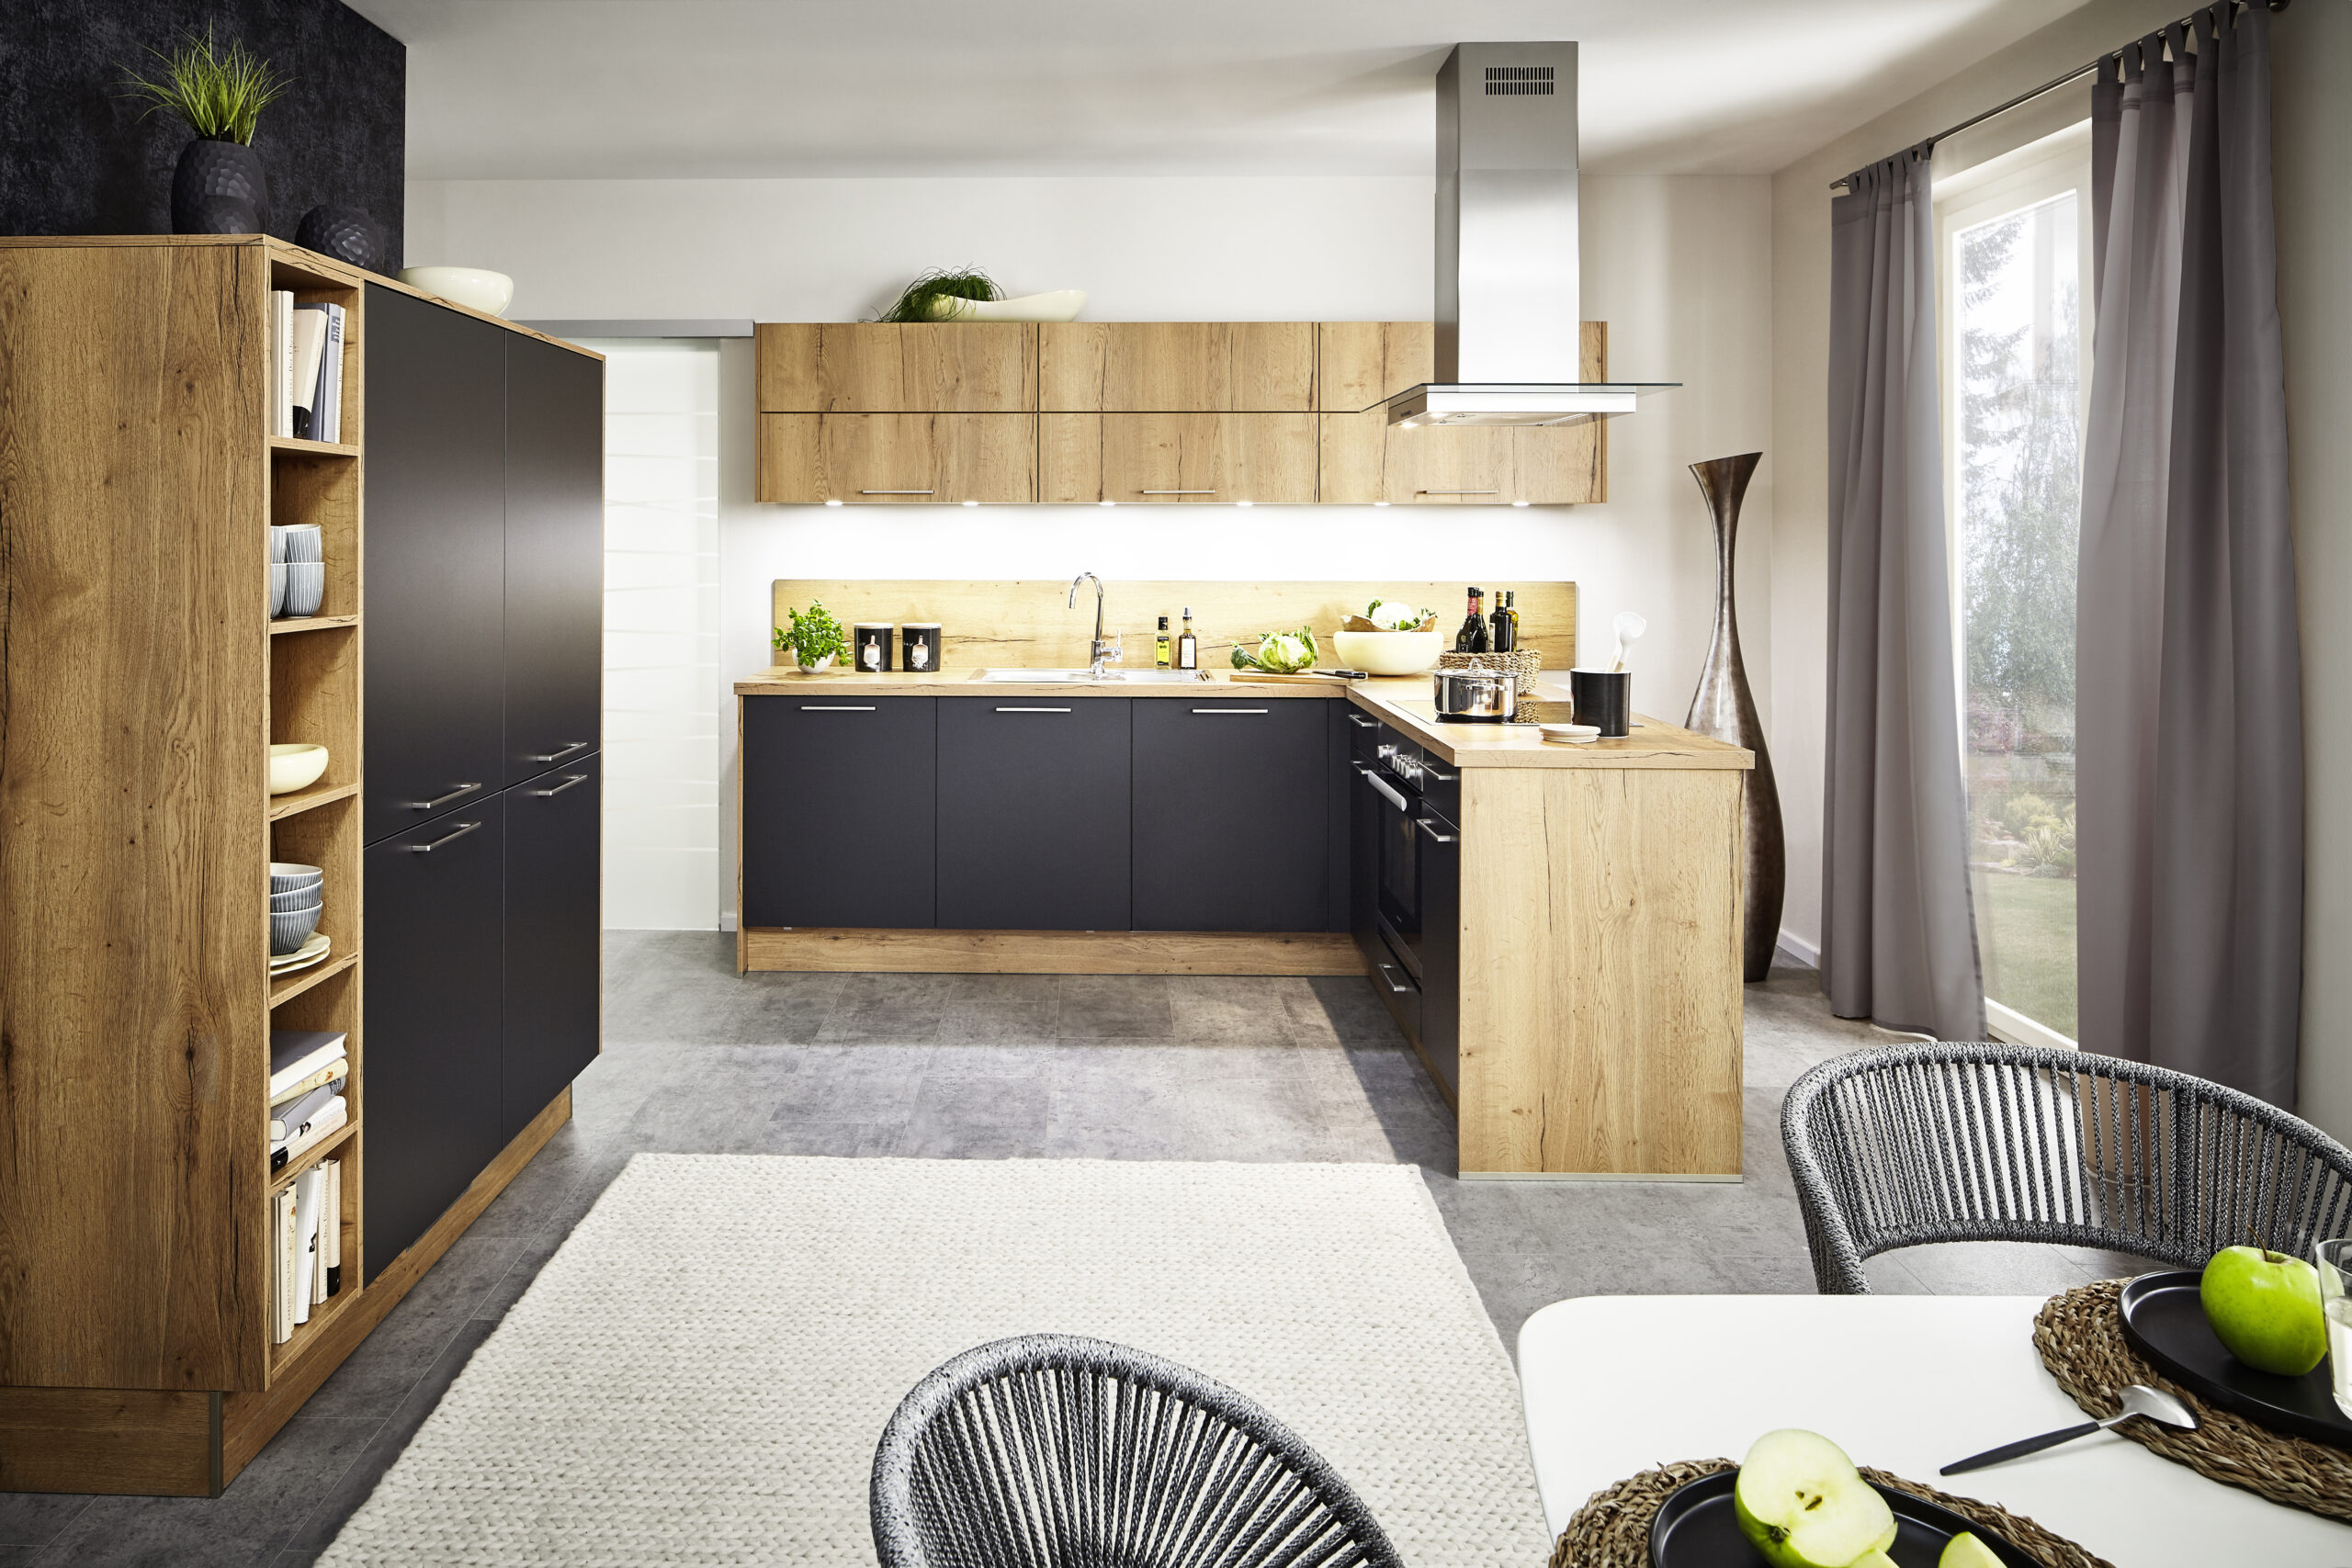 Full Size of Nolte Küchen Glasfront Richtige Pflege Fr Kchenfronten Kcheco Küche Schlafzimmer Regal Betten Wohnzimmer Nolte Küchen Glasfront